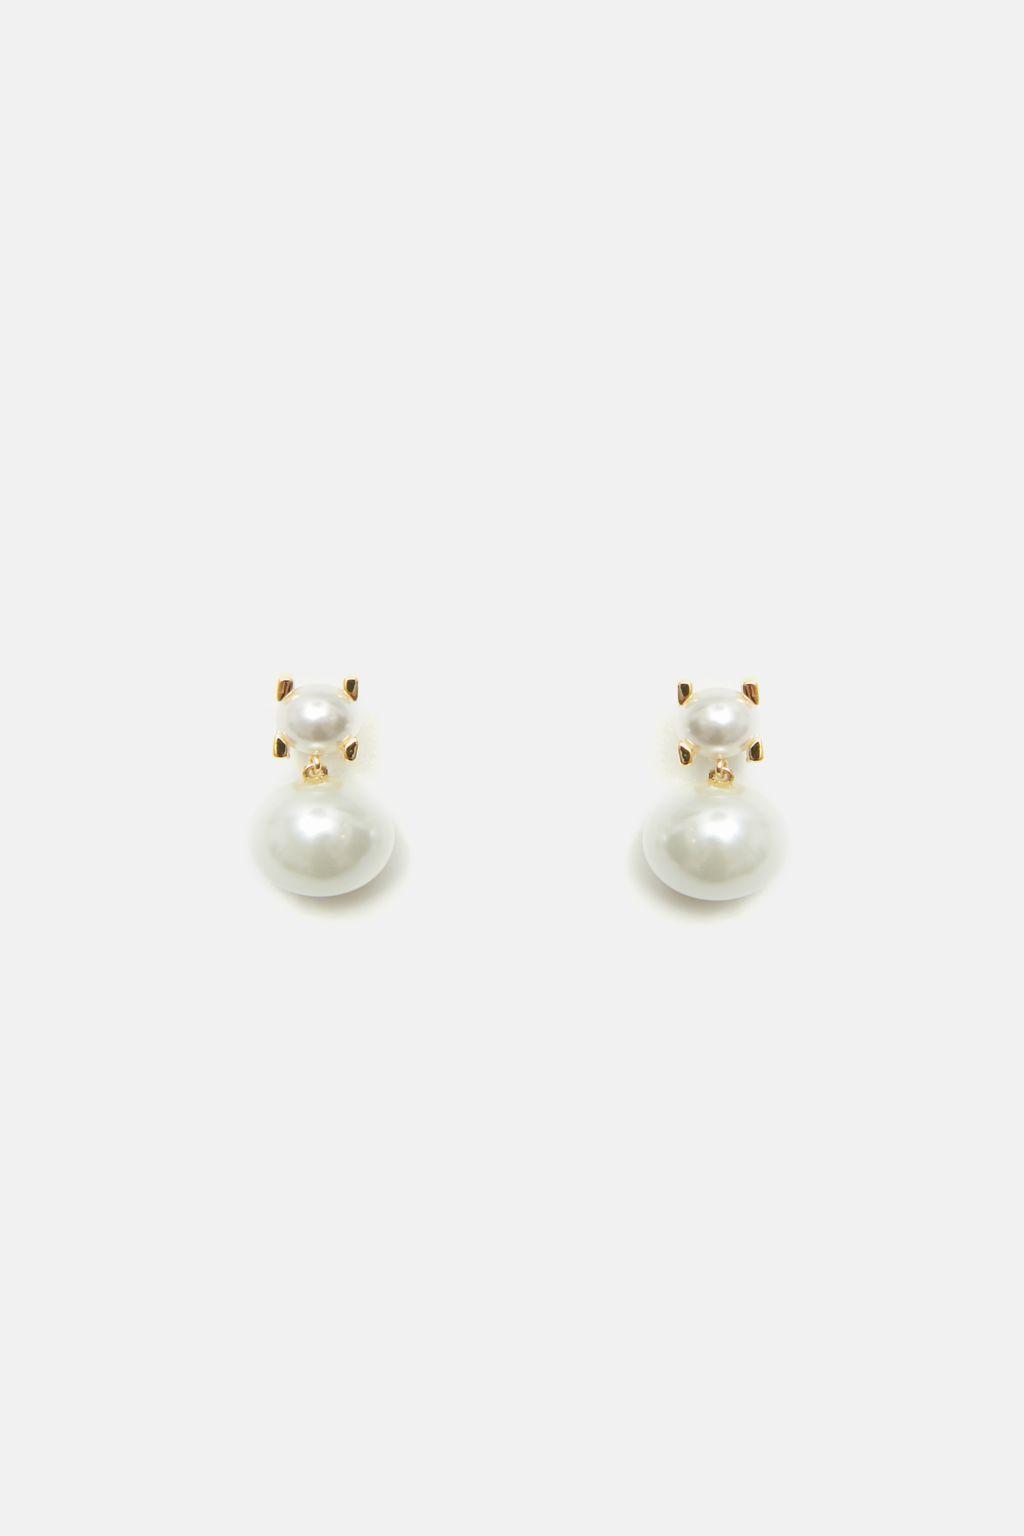 Insignia Pearl drop earrings